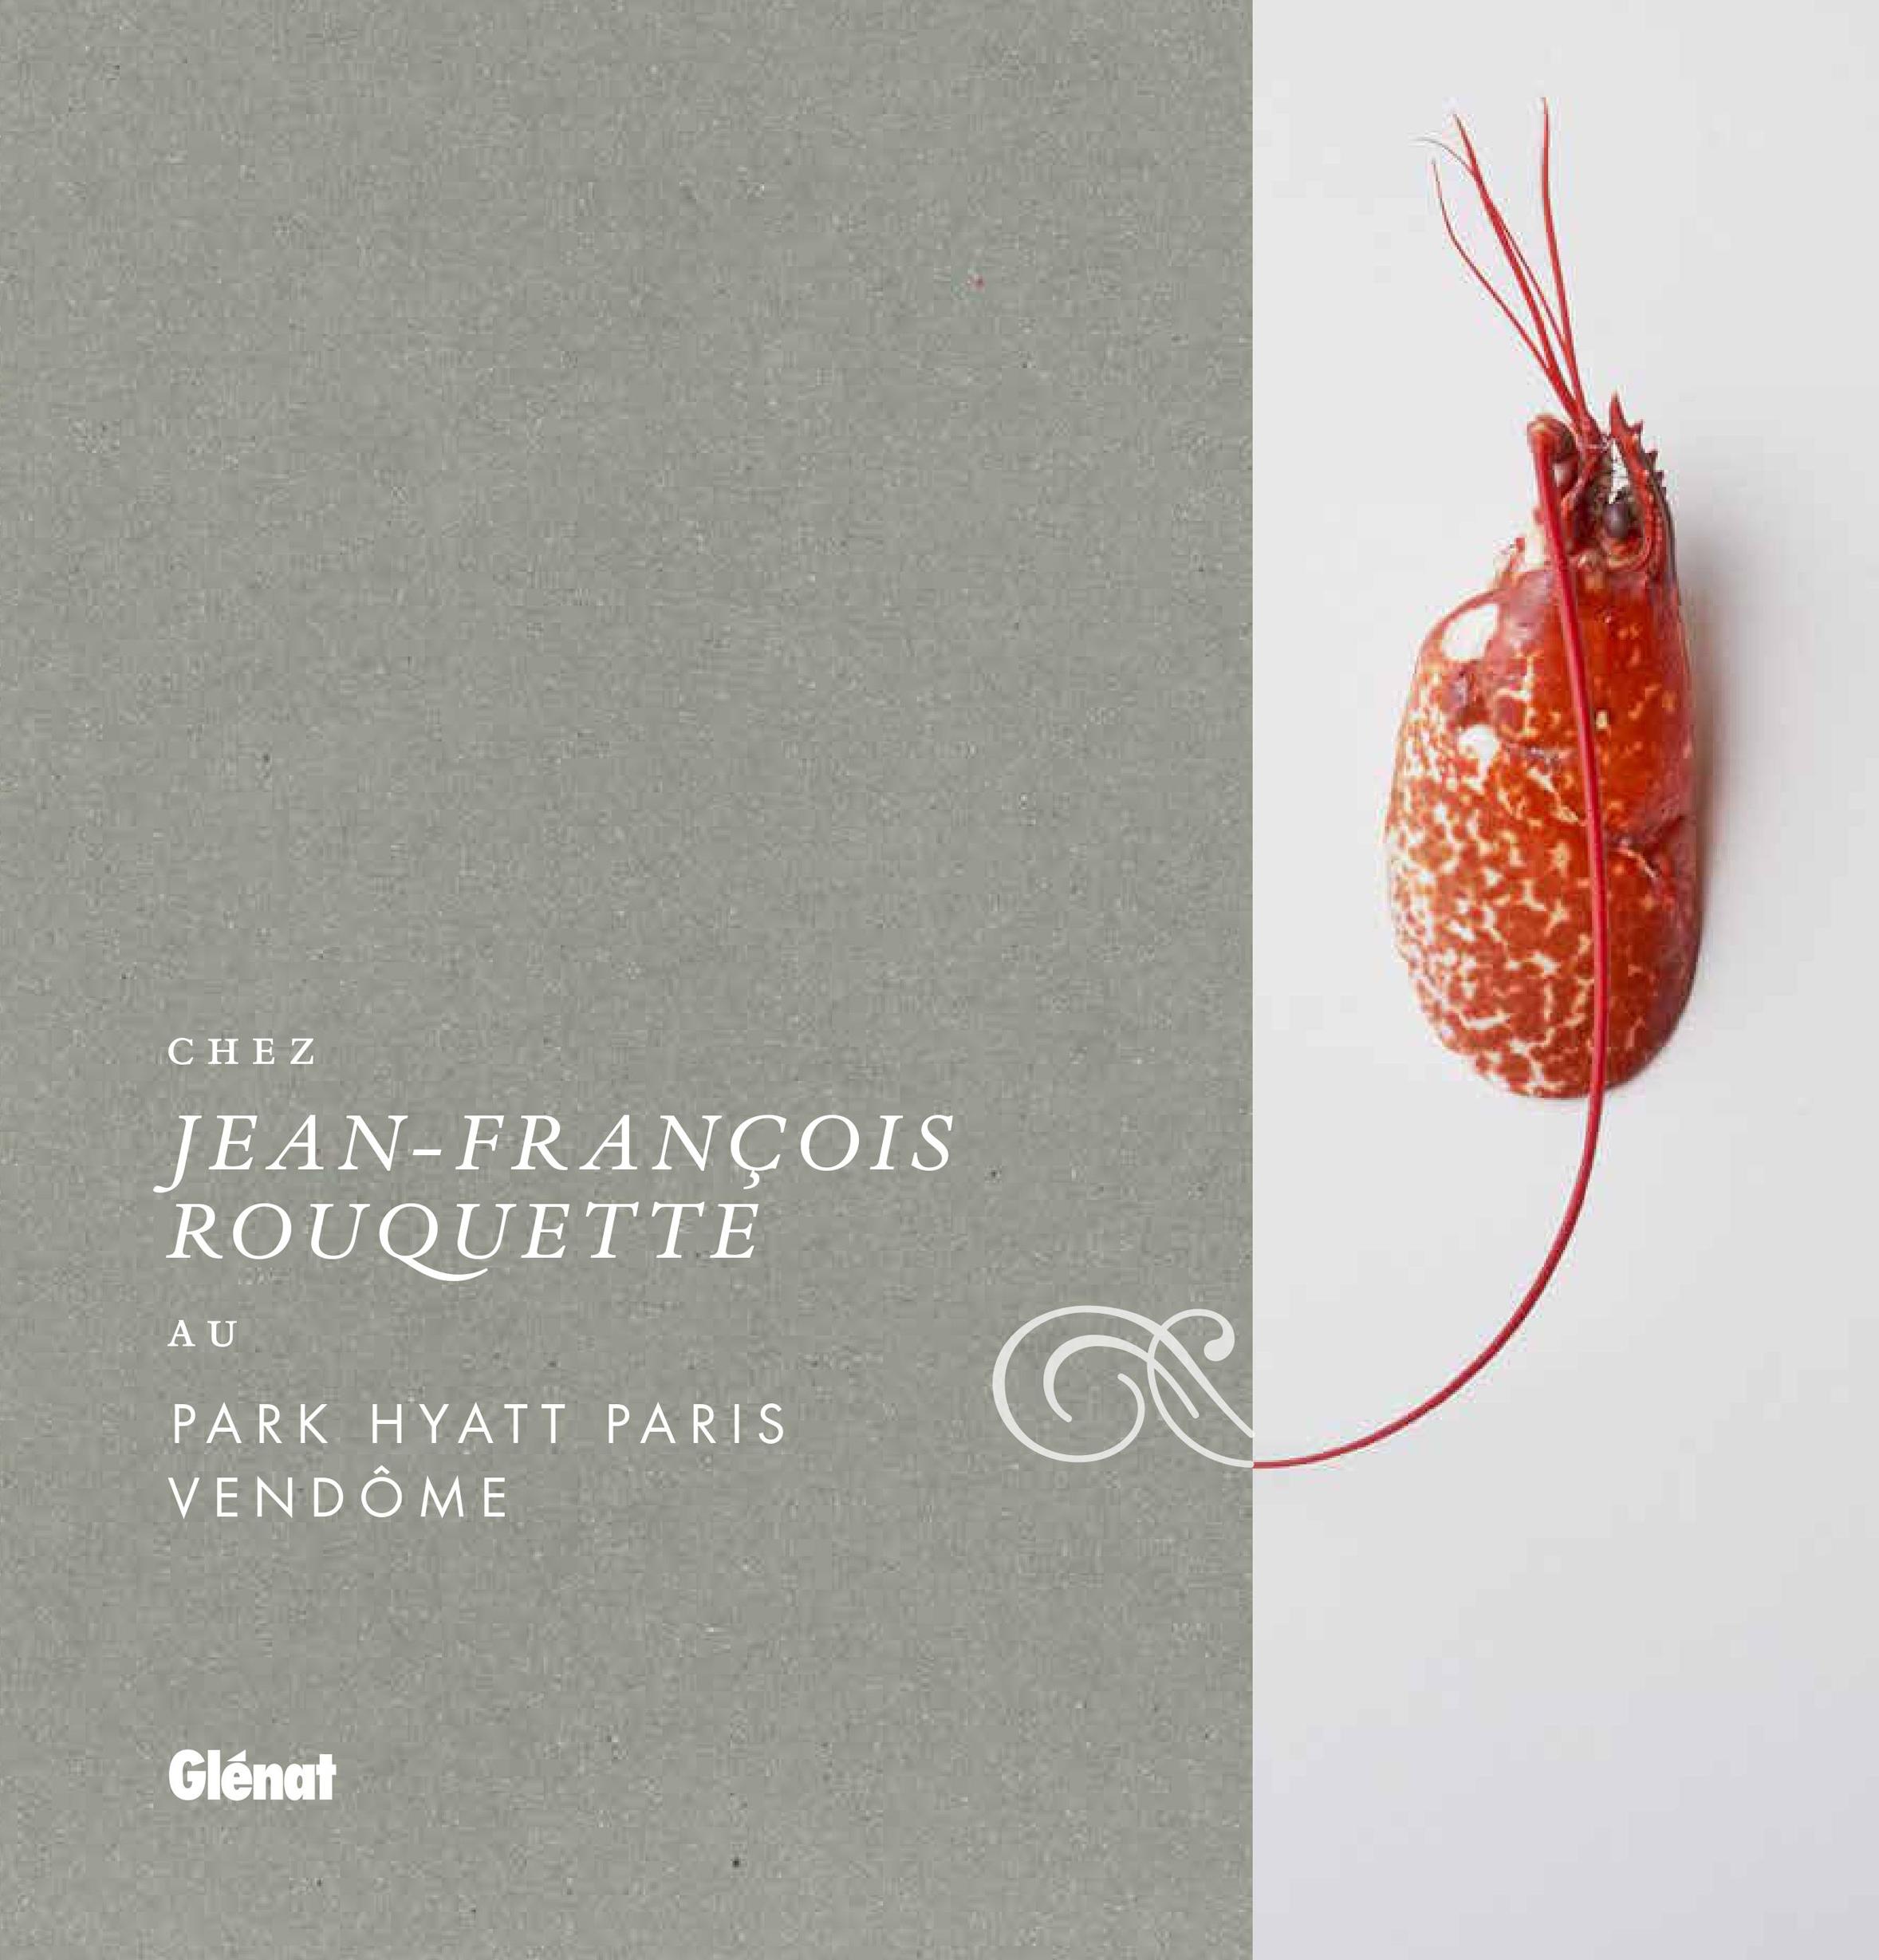 Chef Jean-Francois Rouquette's book - 5* Hotel Park Hyatt Paris-Vendôme